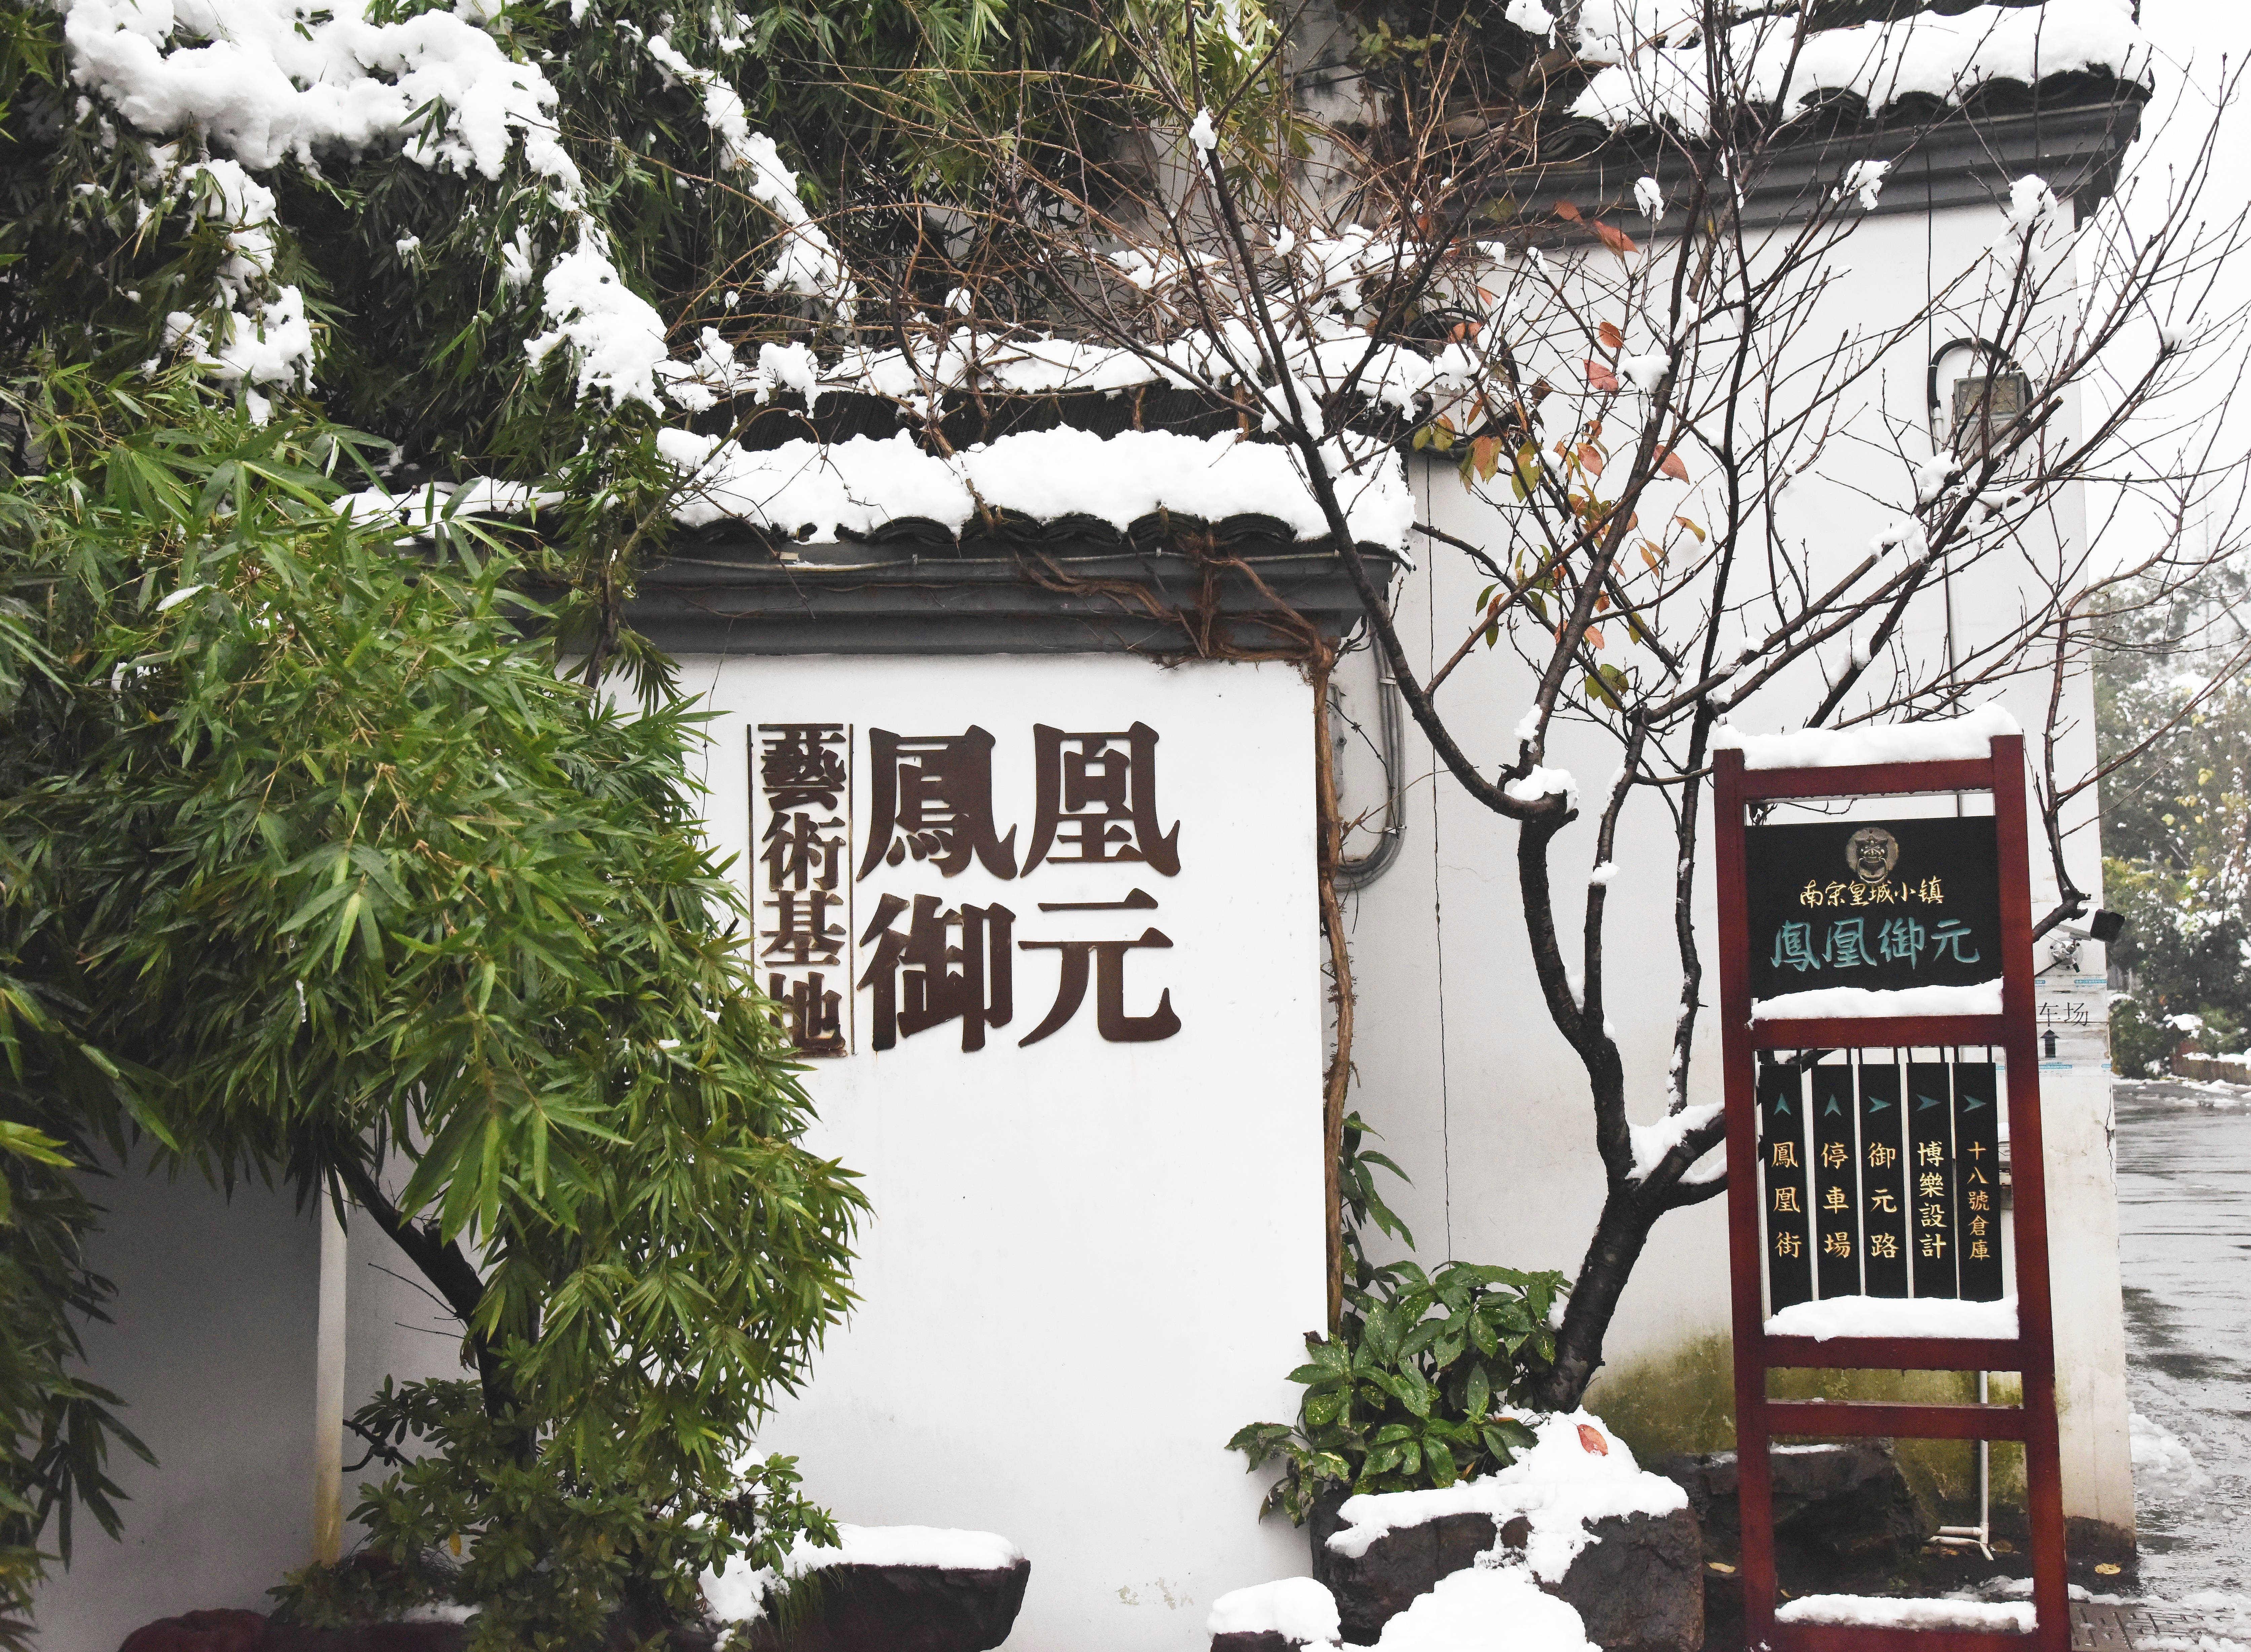 西湖边这个小众文创园,雪景竟惊艳了杭州